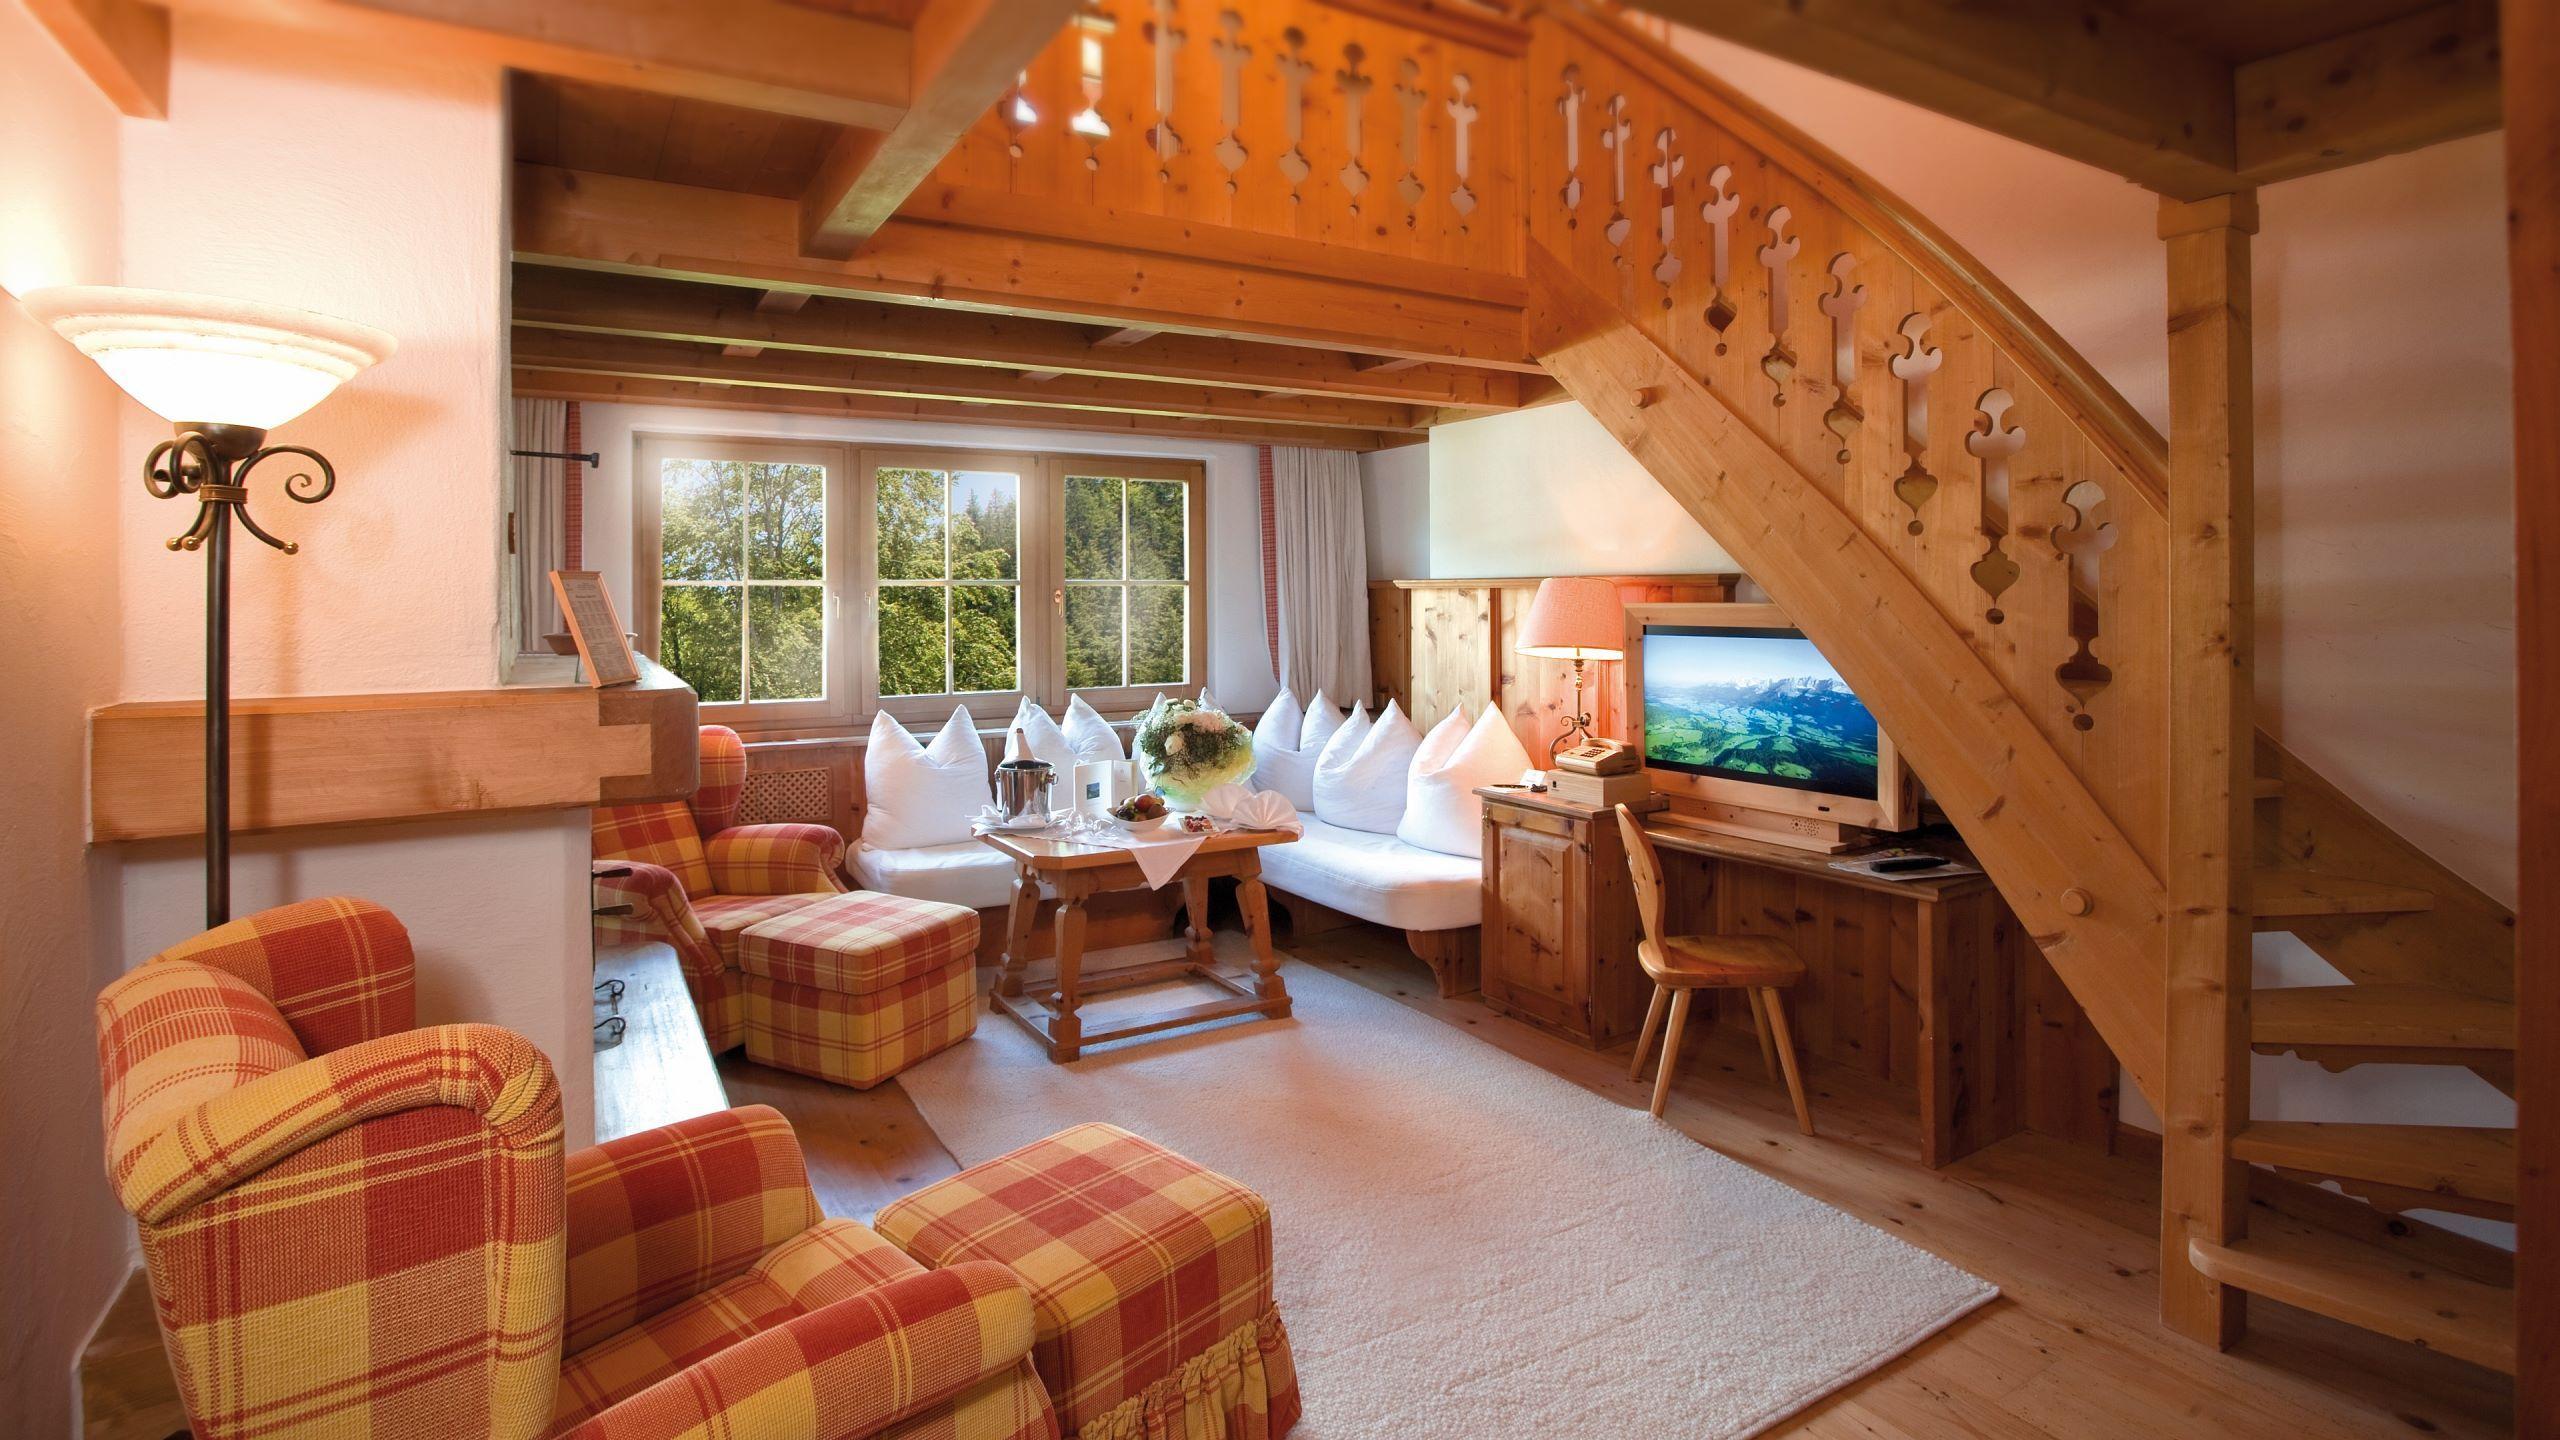 Wohnzimmer Mit Lounge Ecke Und Offenem Kamin, Hochwertige Zirbenholzmöbel, 2  Oder 3 Schlafzimmer